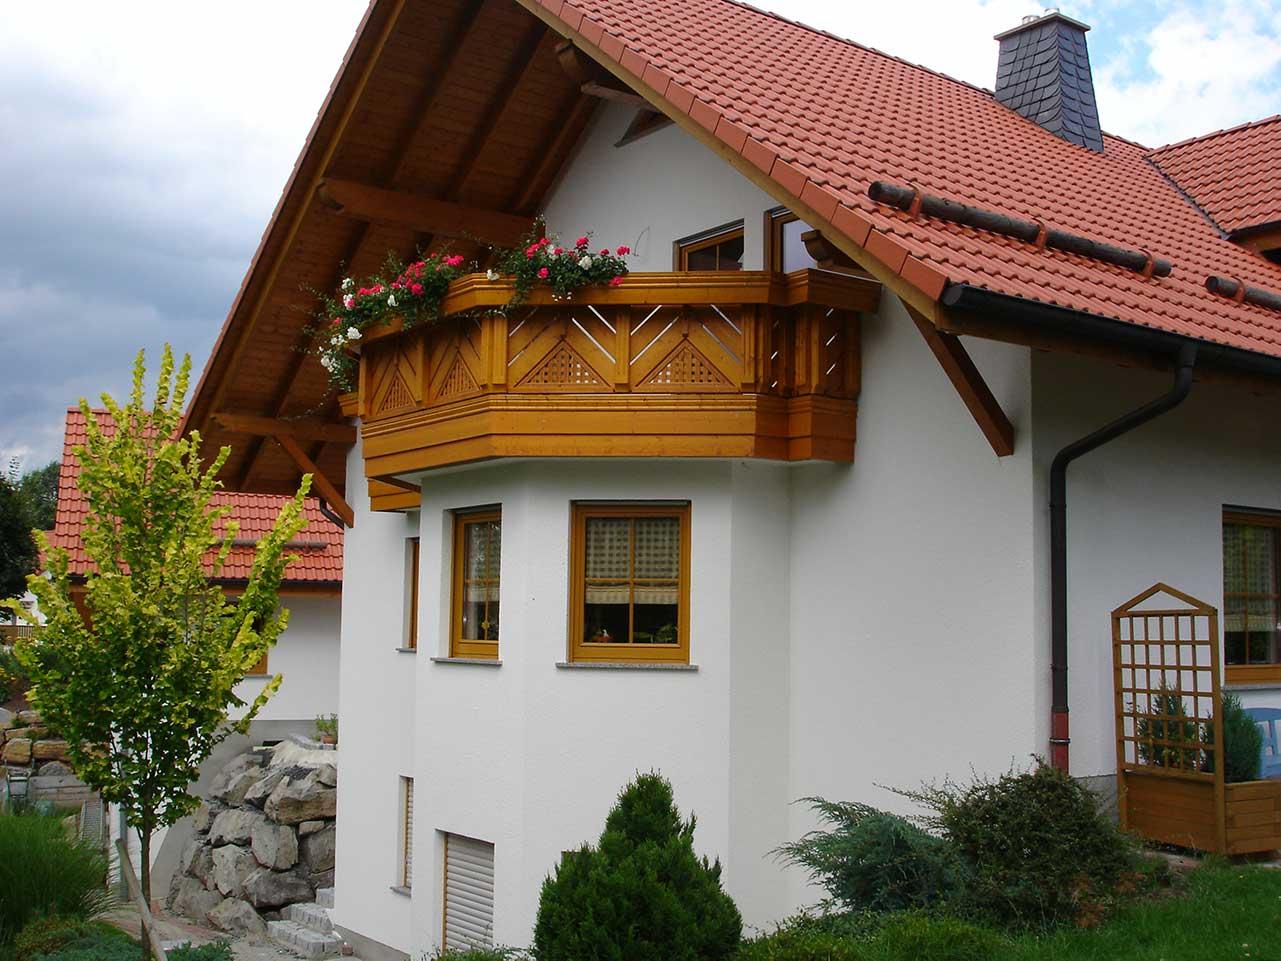 Ferienwohnung Freudensprung - Außenansicht vom Haus mit Balkon - Ansicht 1